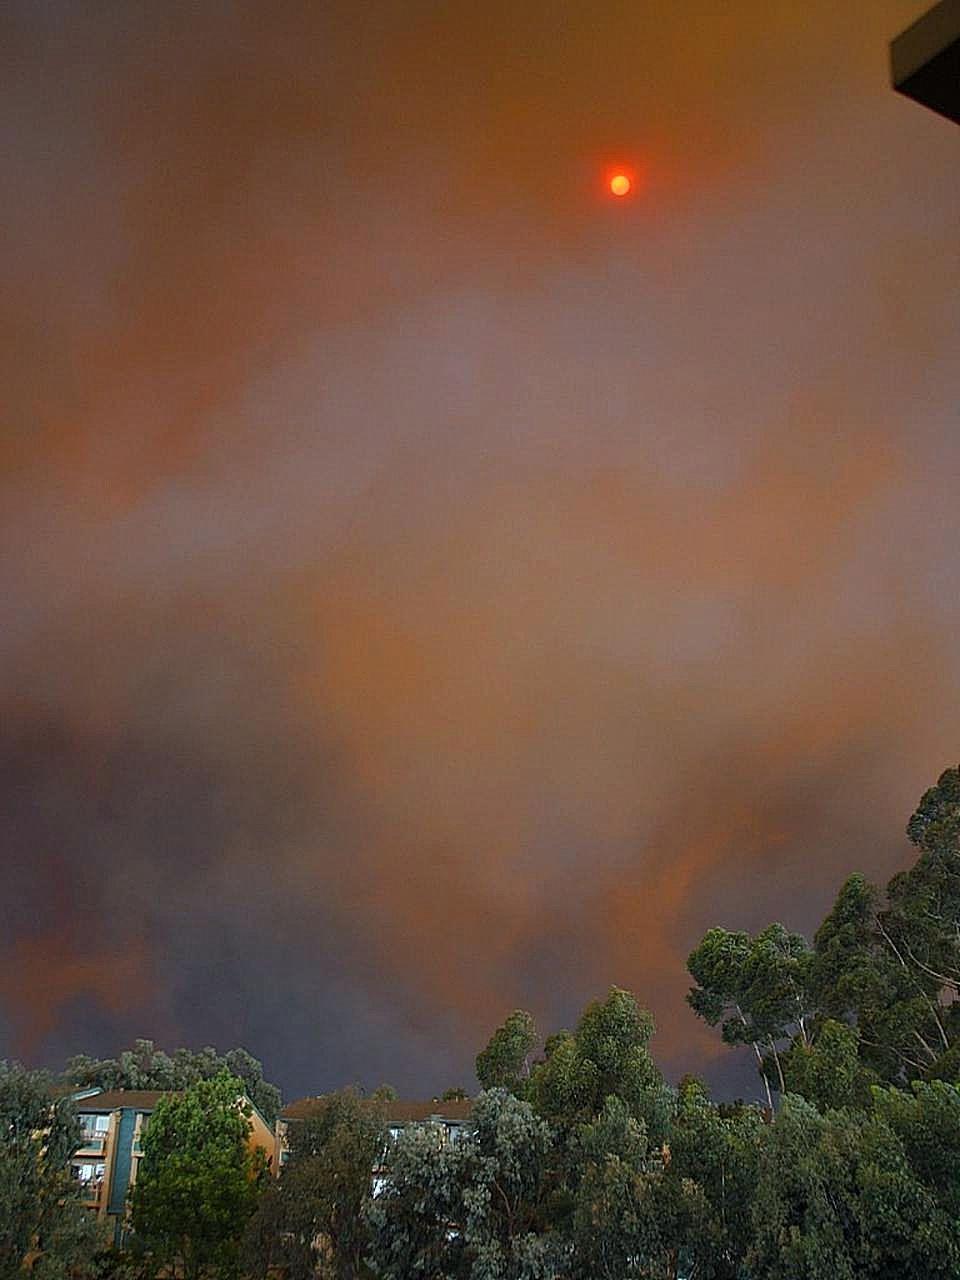 новогодний картинки пожара от солнца дорогие раритетные современные